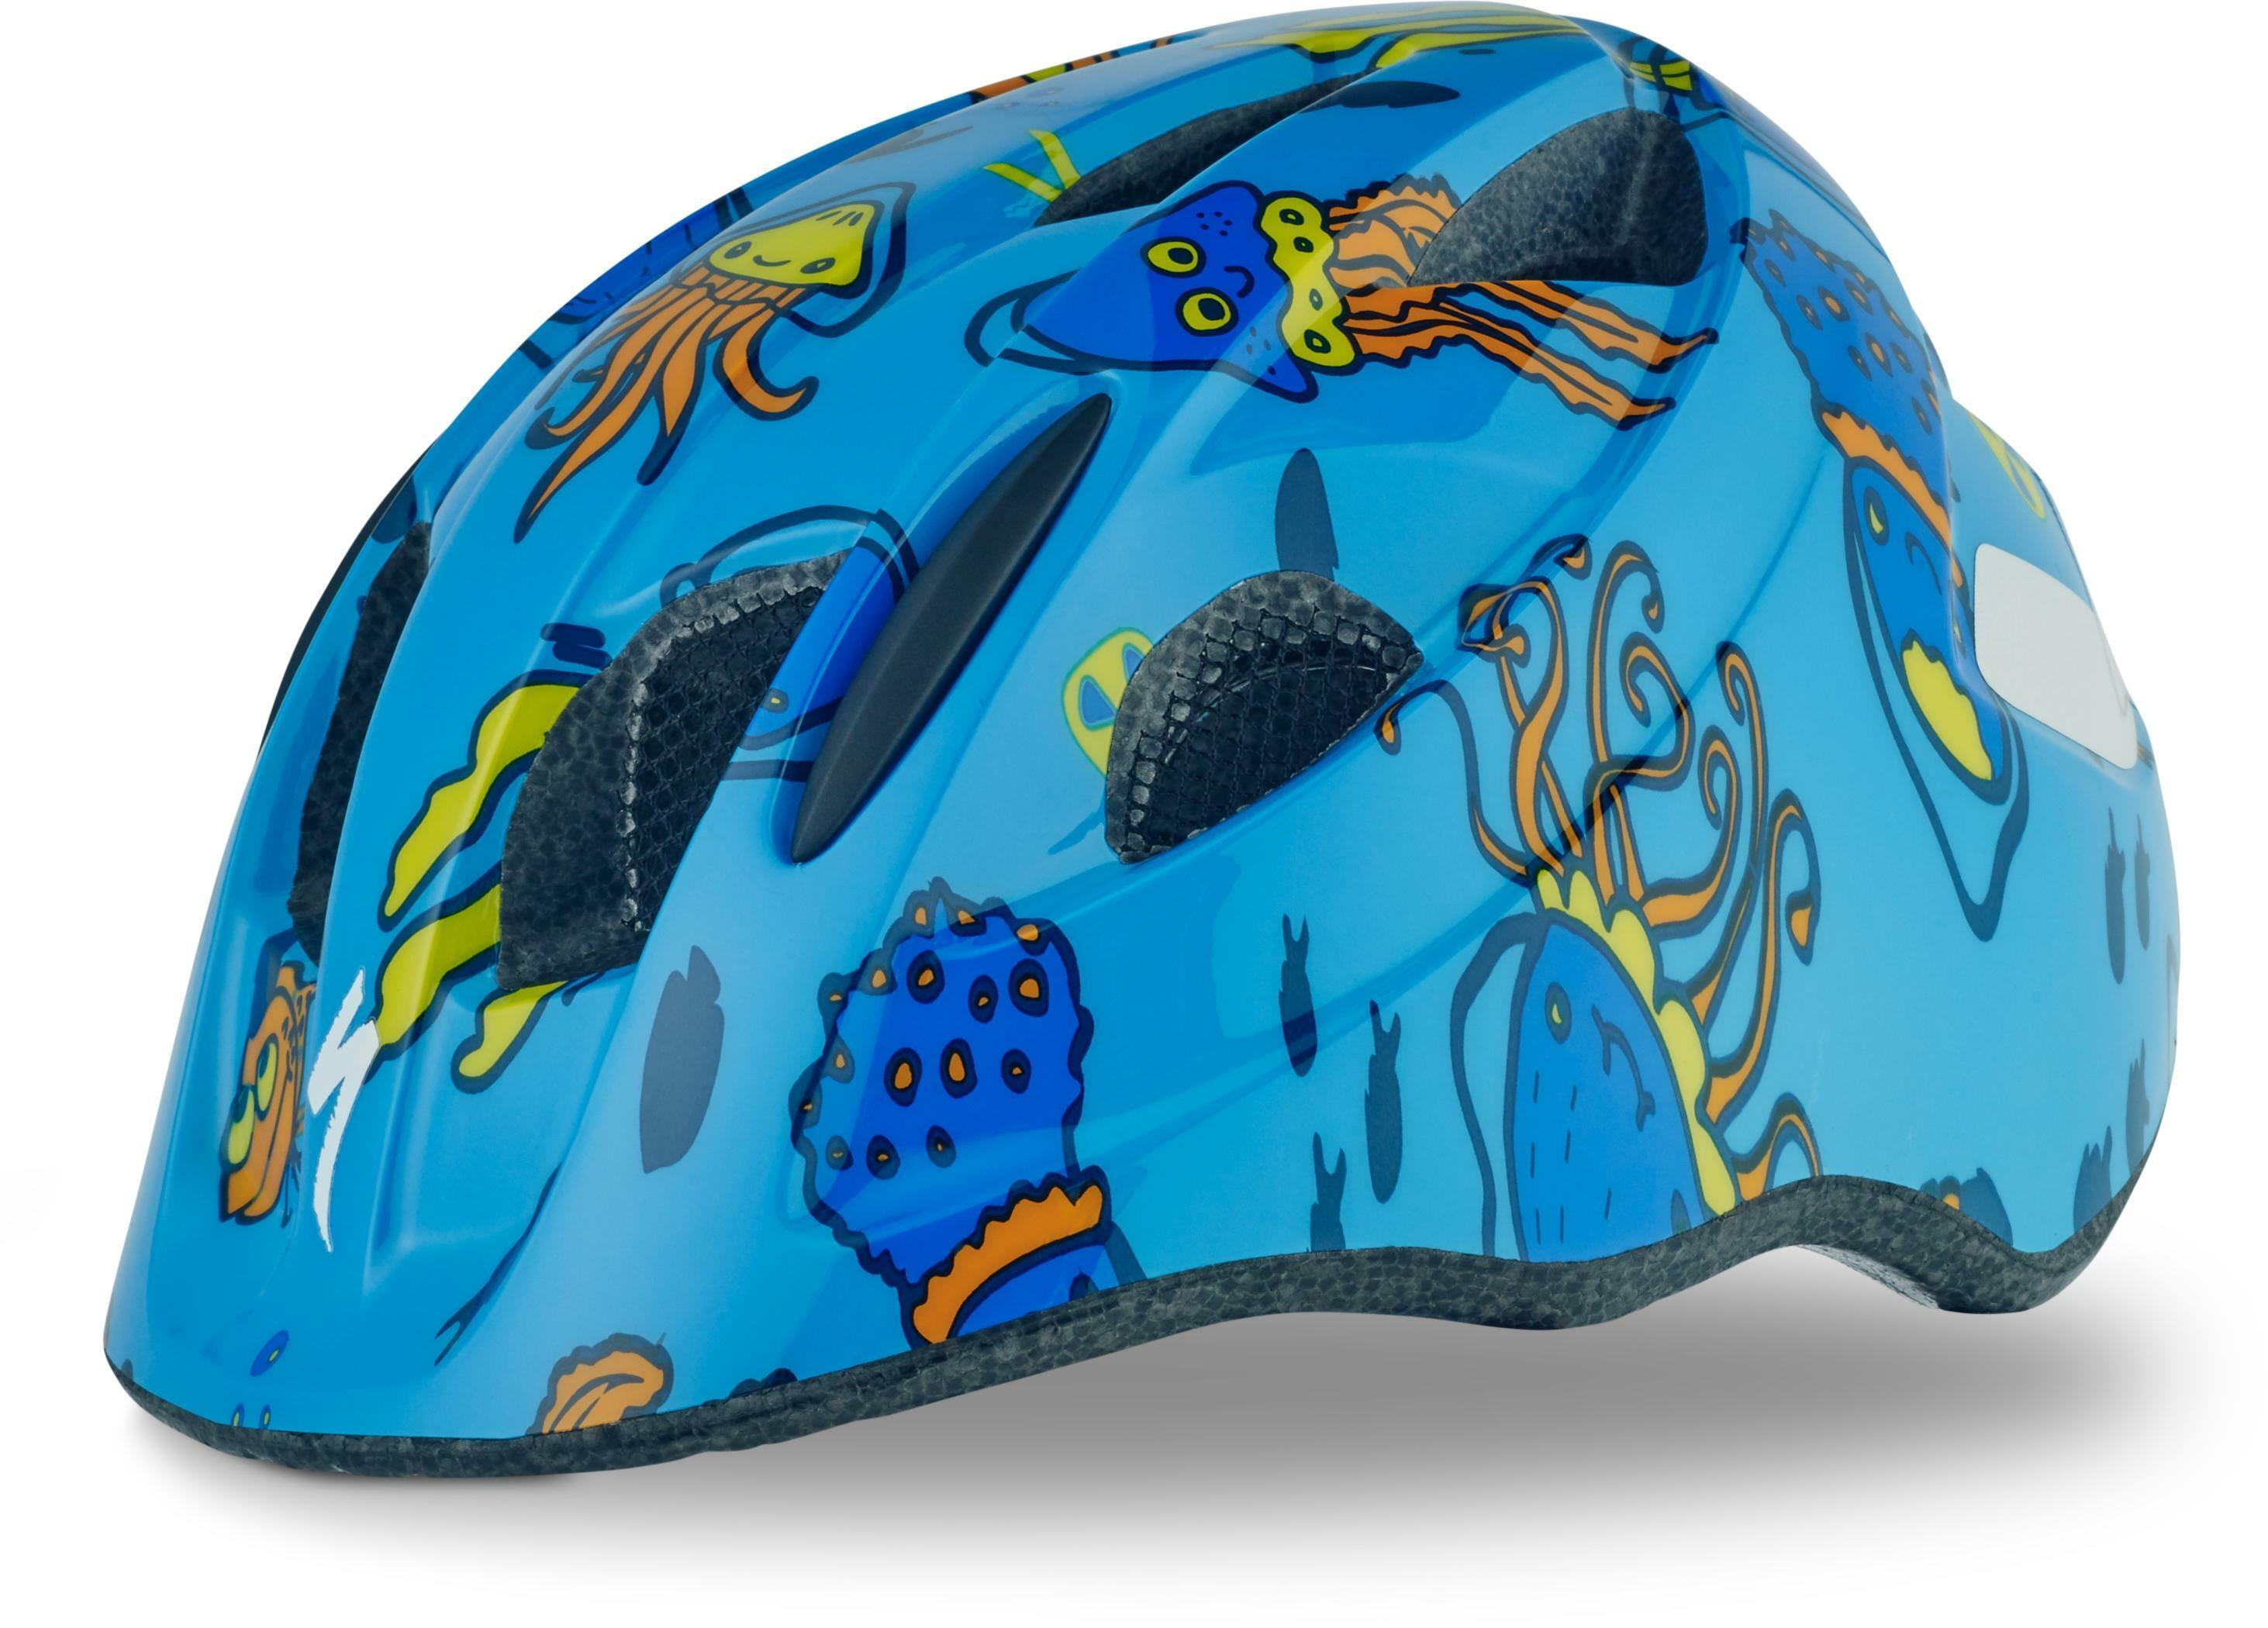 specialized specialized casco bici bimbo mio